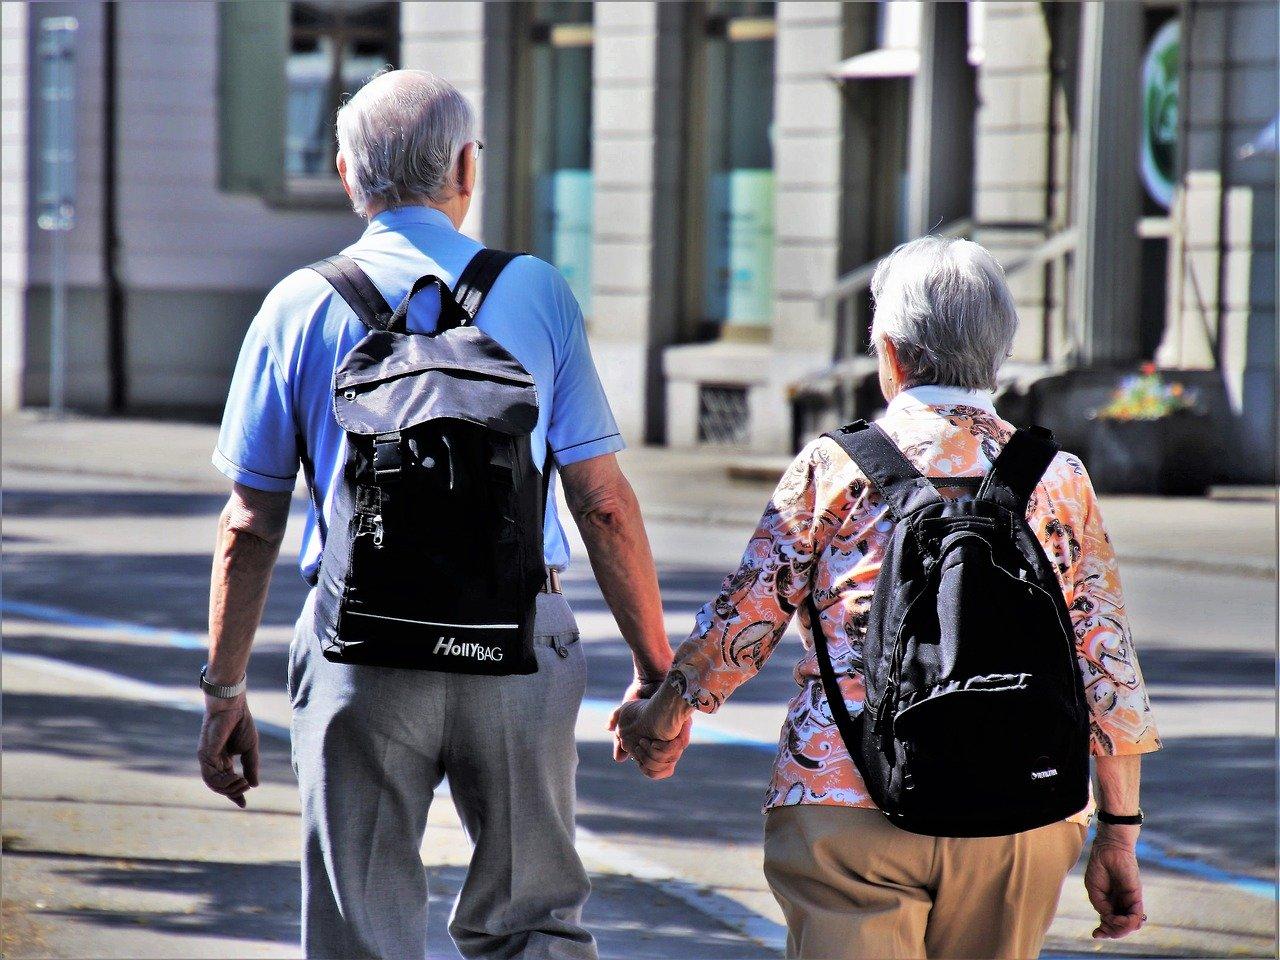 Греция введет единый налог в размере 7% для иностранных пенсионеров, чтобы поддержать восстановление экономики